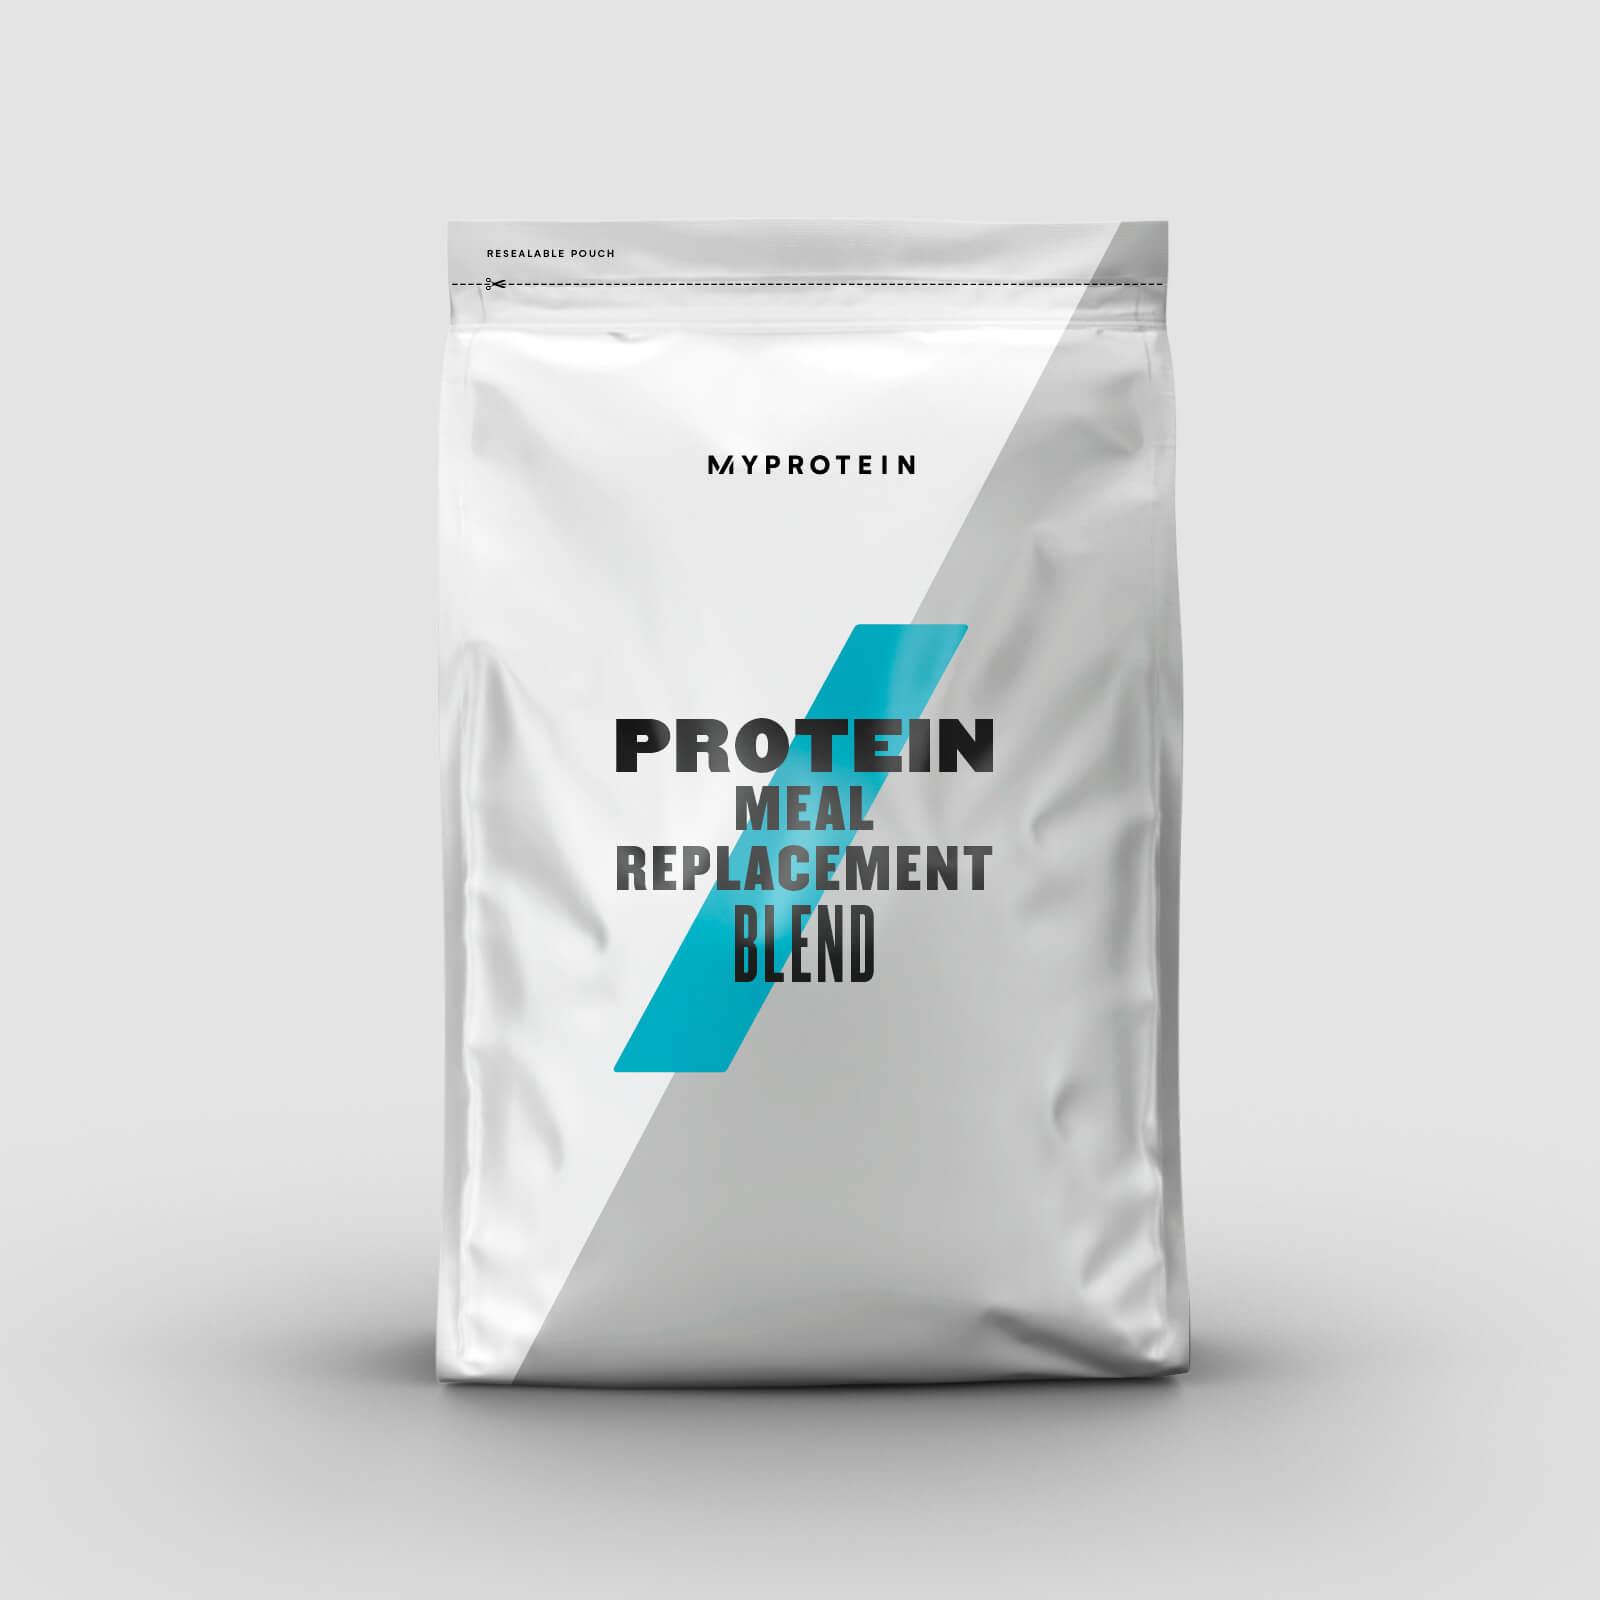 Myprotein Substitut de repas protéiné - 2.5kg - Nouveau - Caramel salé